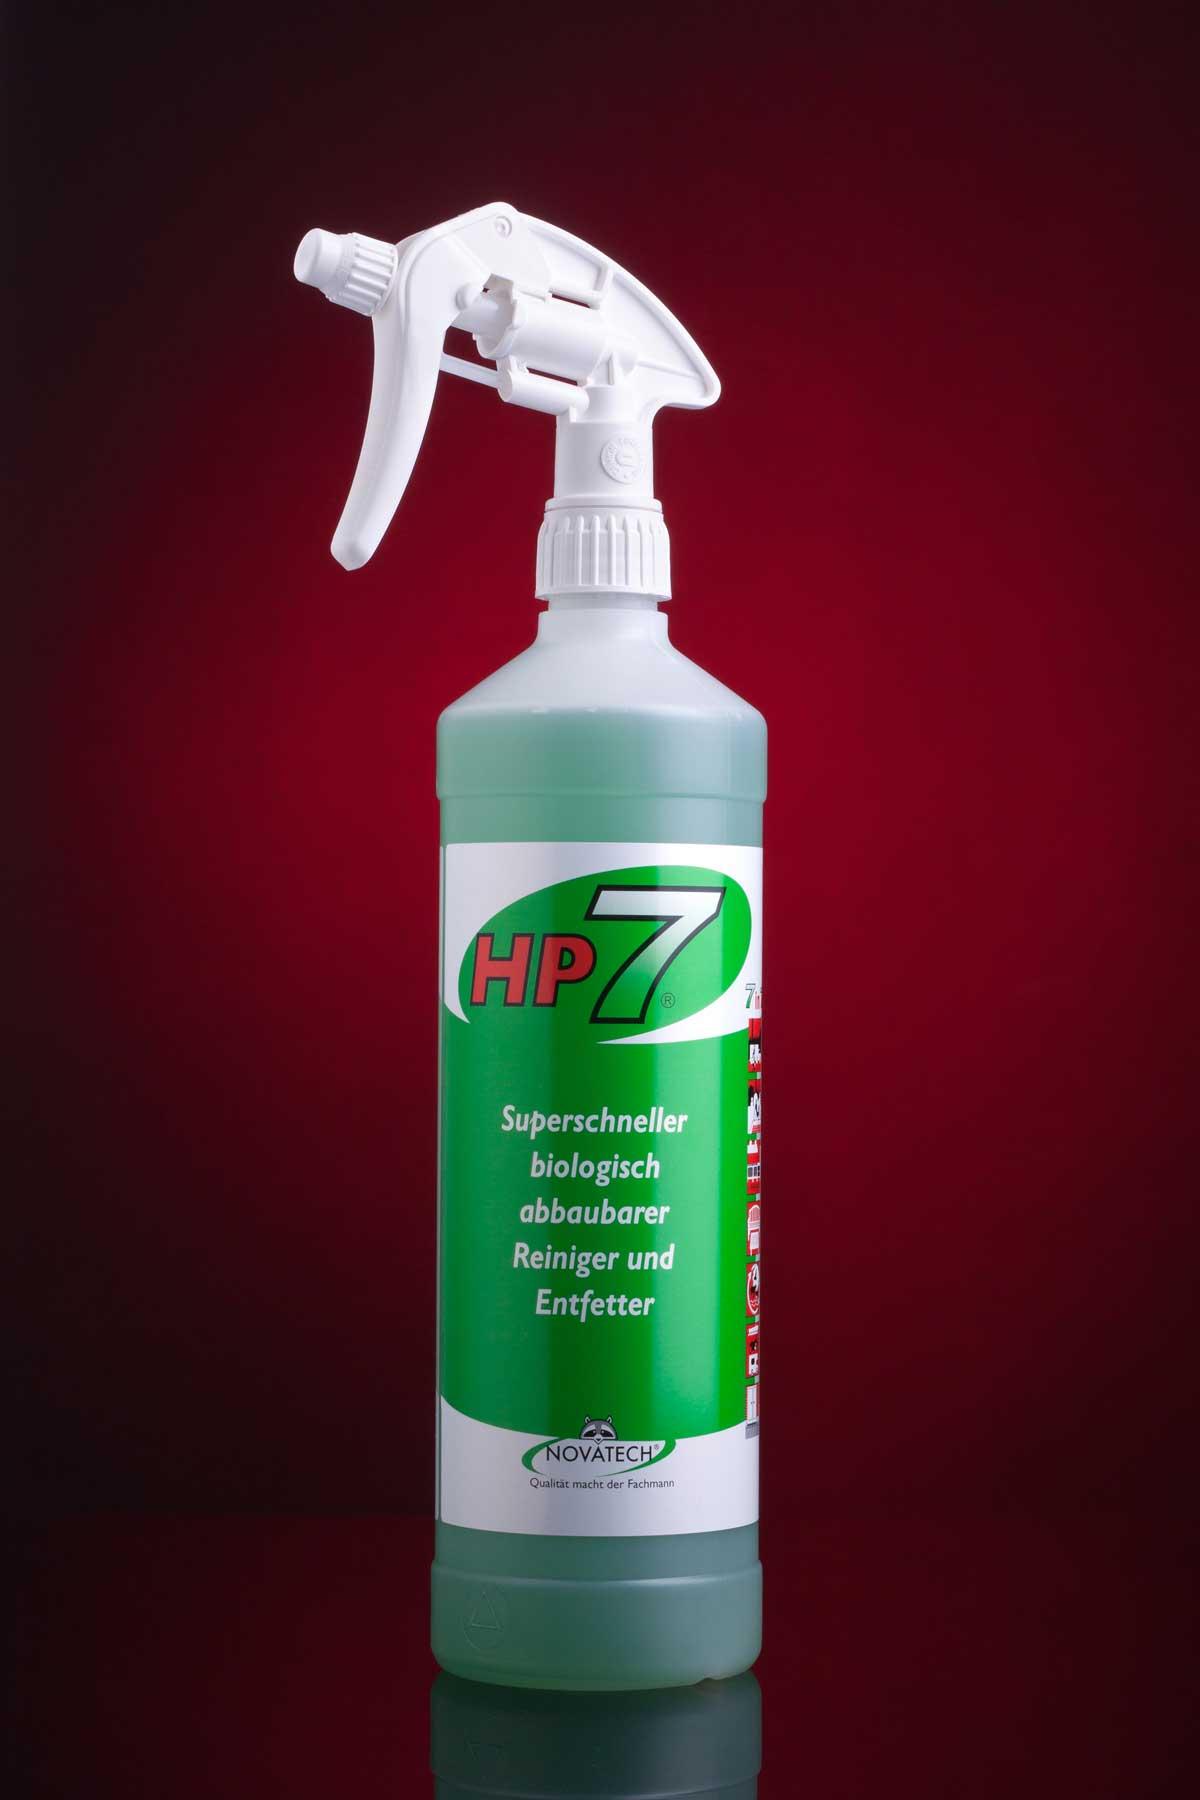 HP7 - biologisch abbaubarer Allzweckreiniger und entfetter